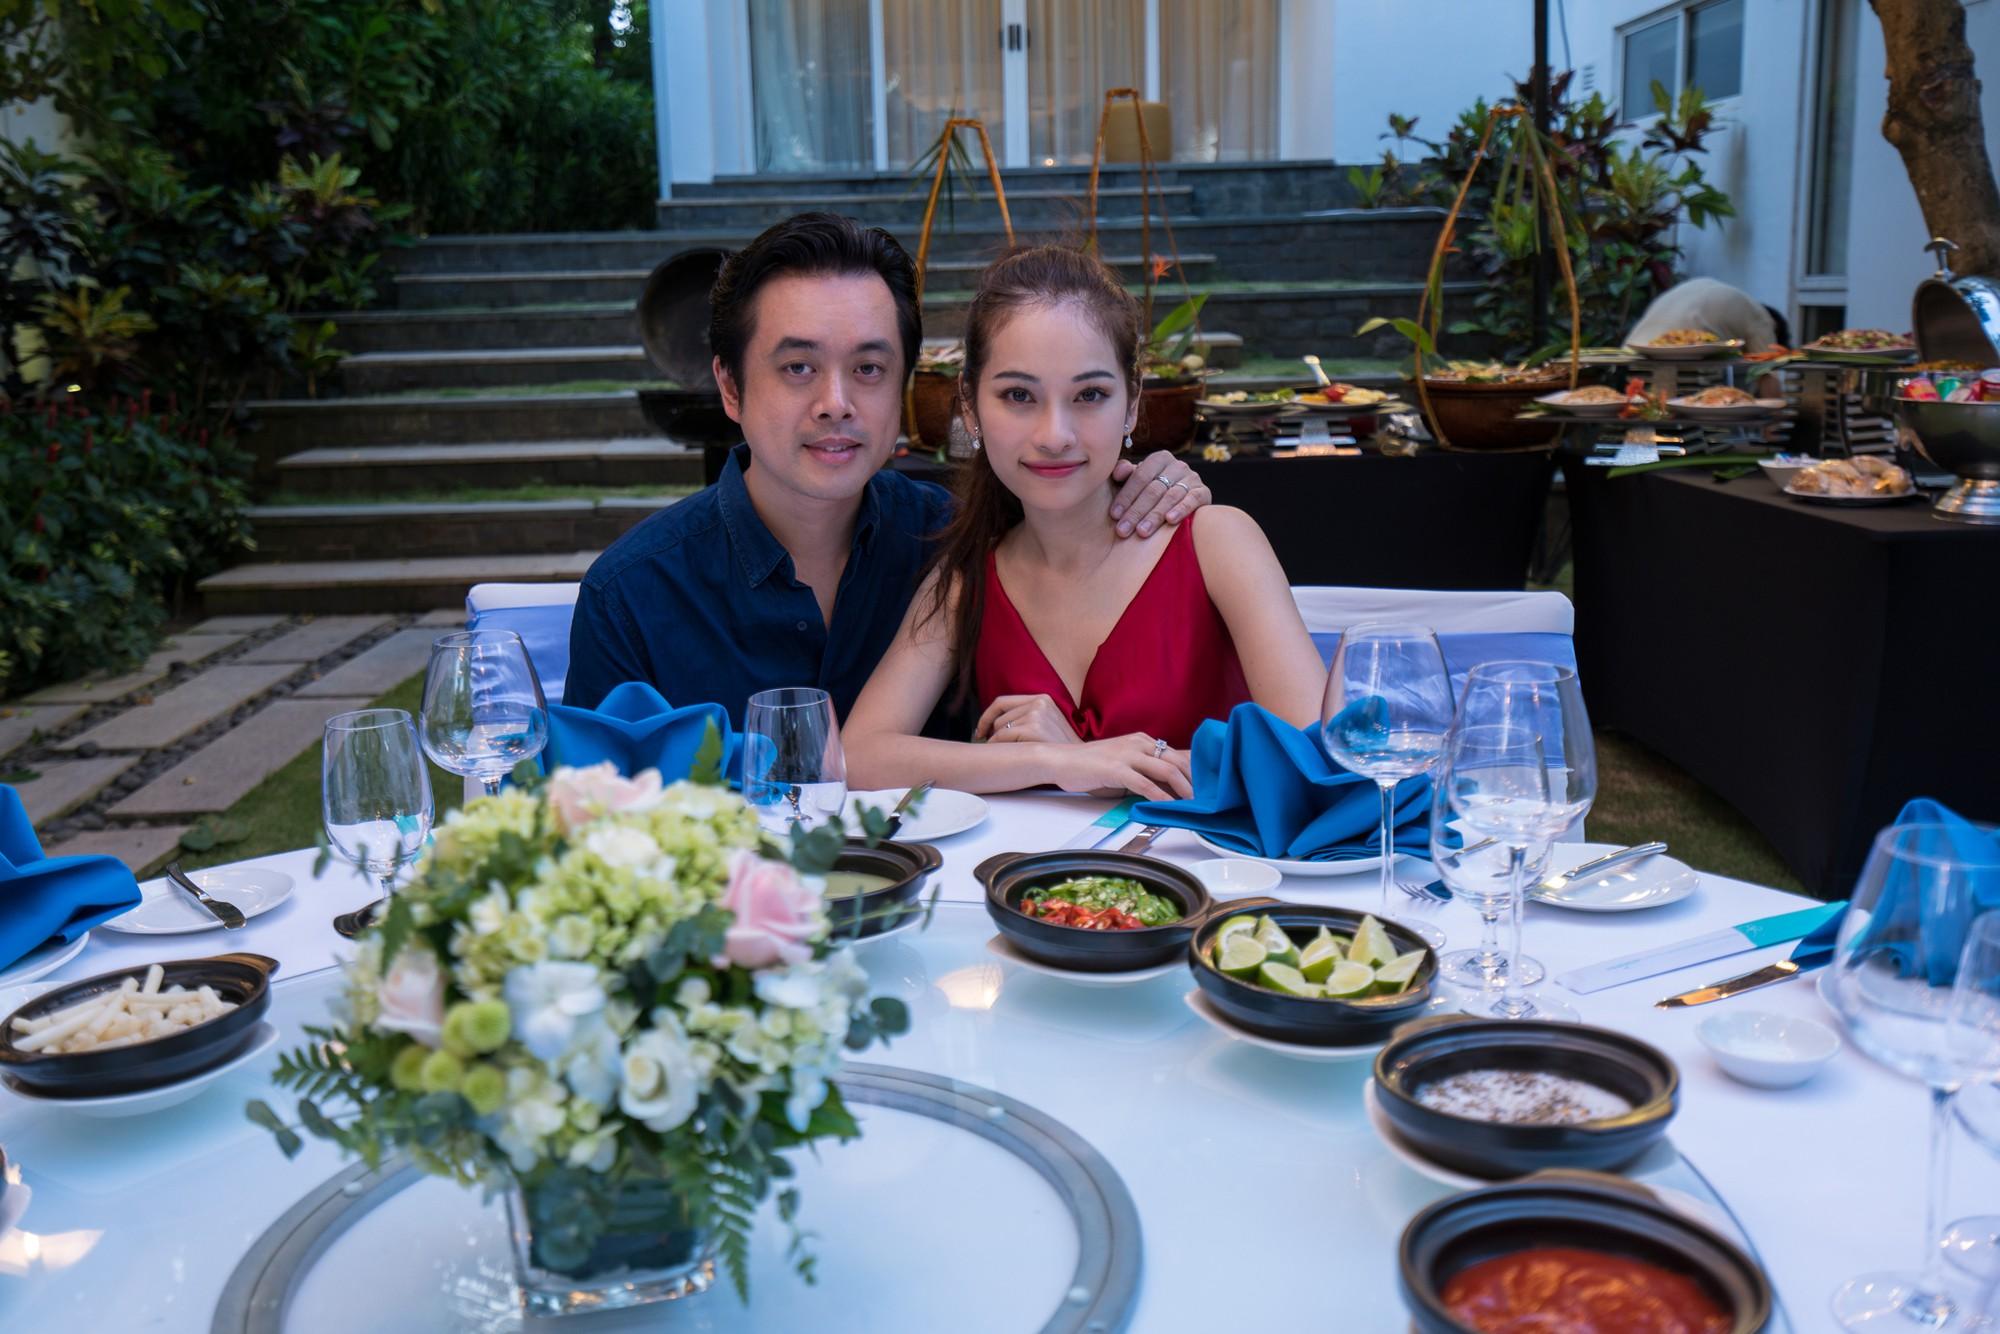 Đưa nàng đến Khu nghỉ dưỡng biển sang trọng hàng đầu thế giới dành cho gia đình, Dương Khắc Linh được vợ mới cưới hết lòng ca ngợi - Ảnh 1.